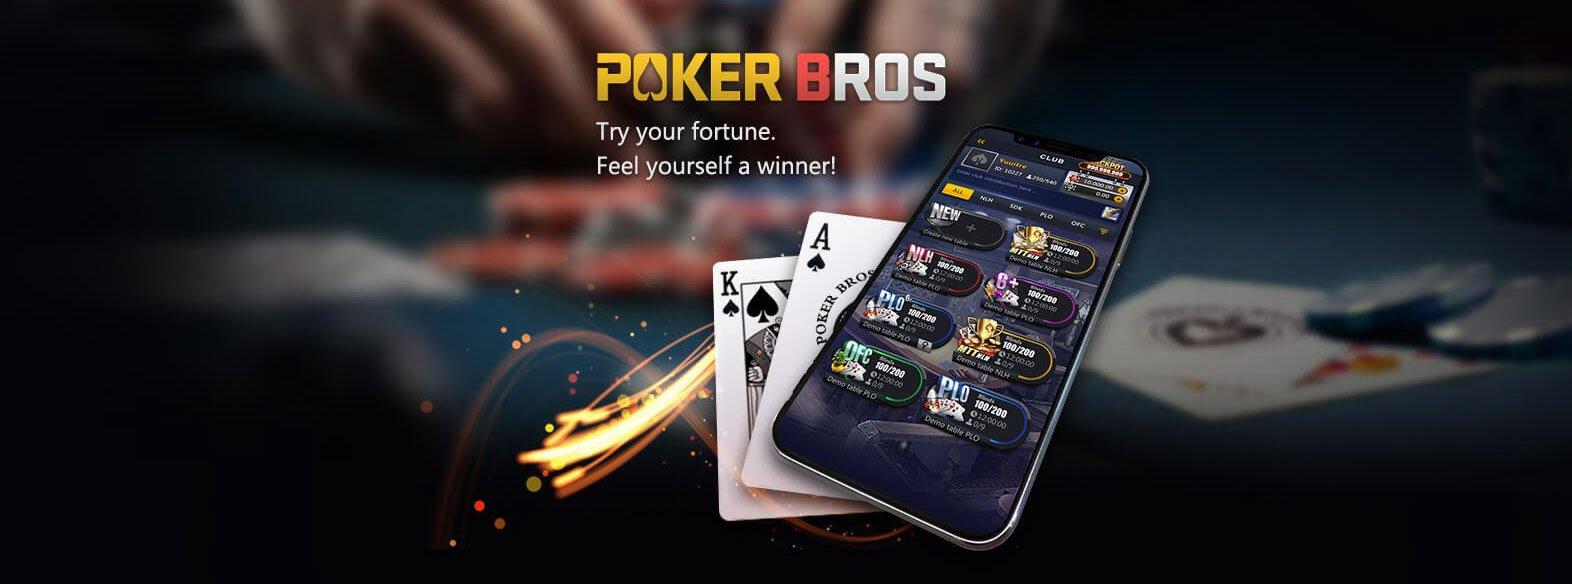 PokerBros 1